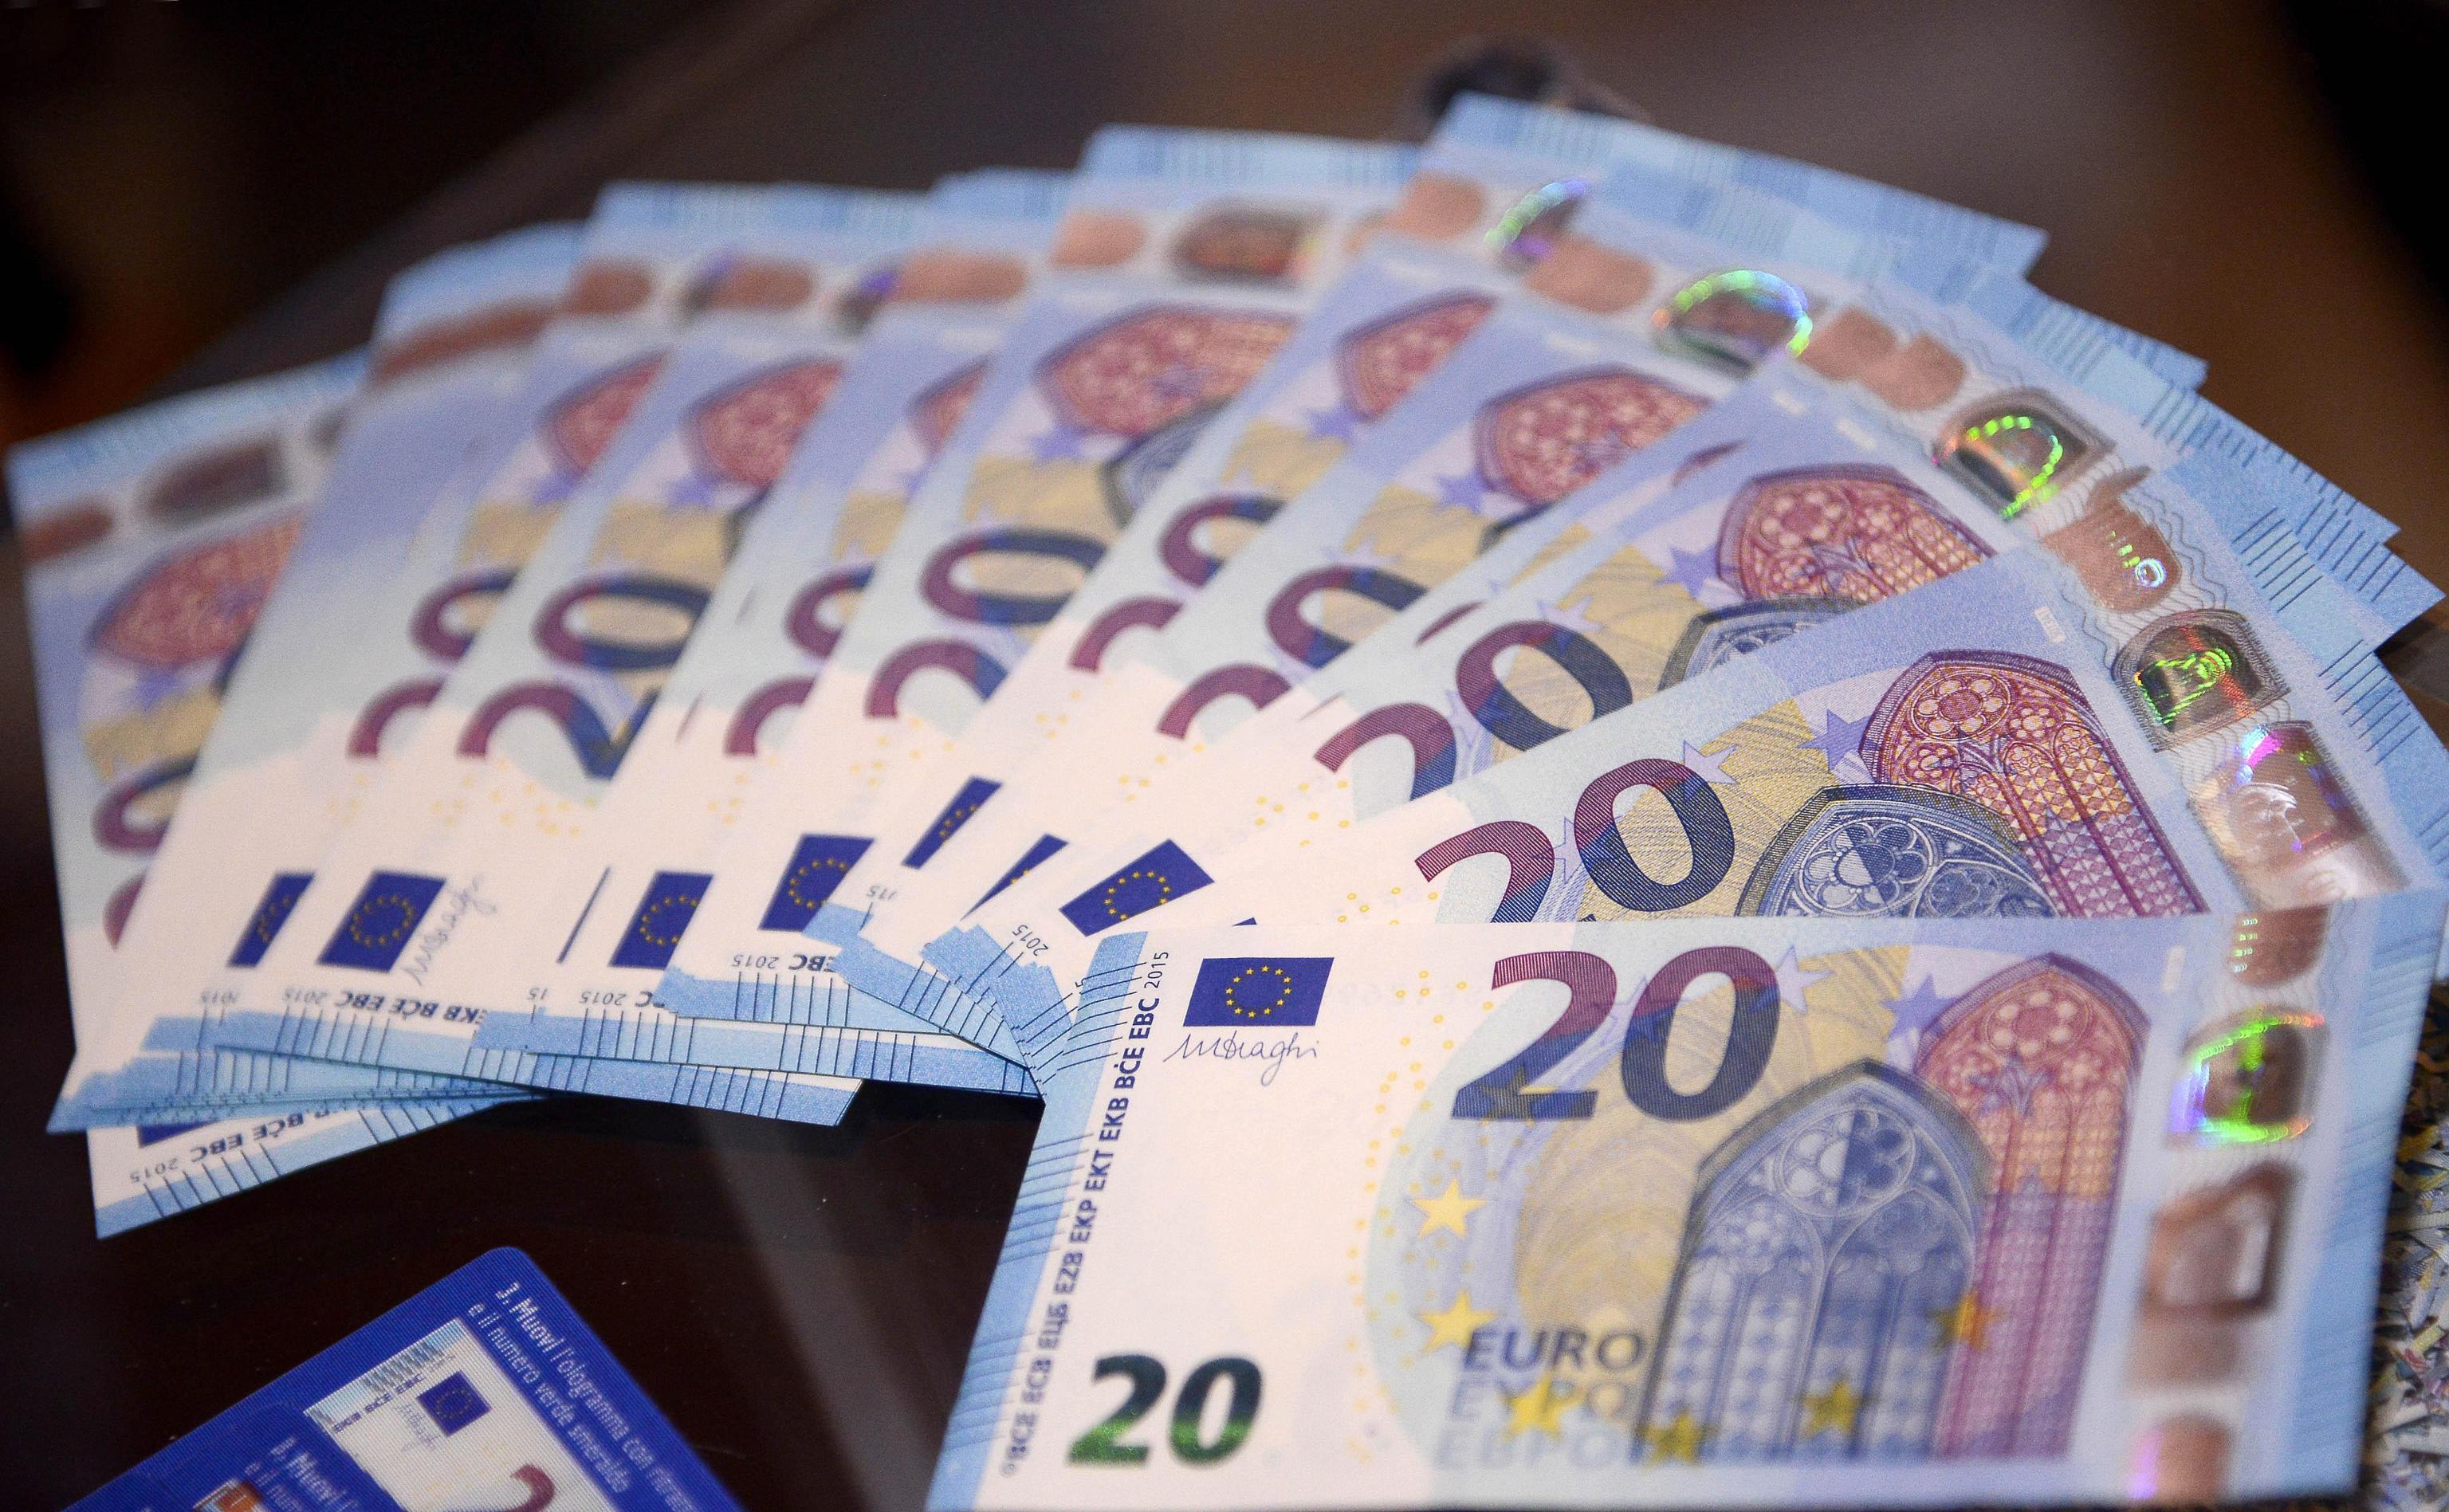 Per banche costo salvataggi 10,5mld